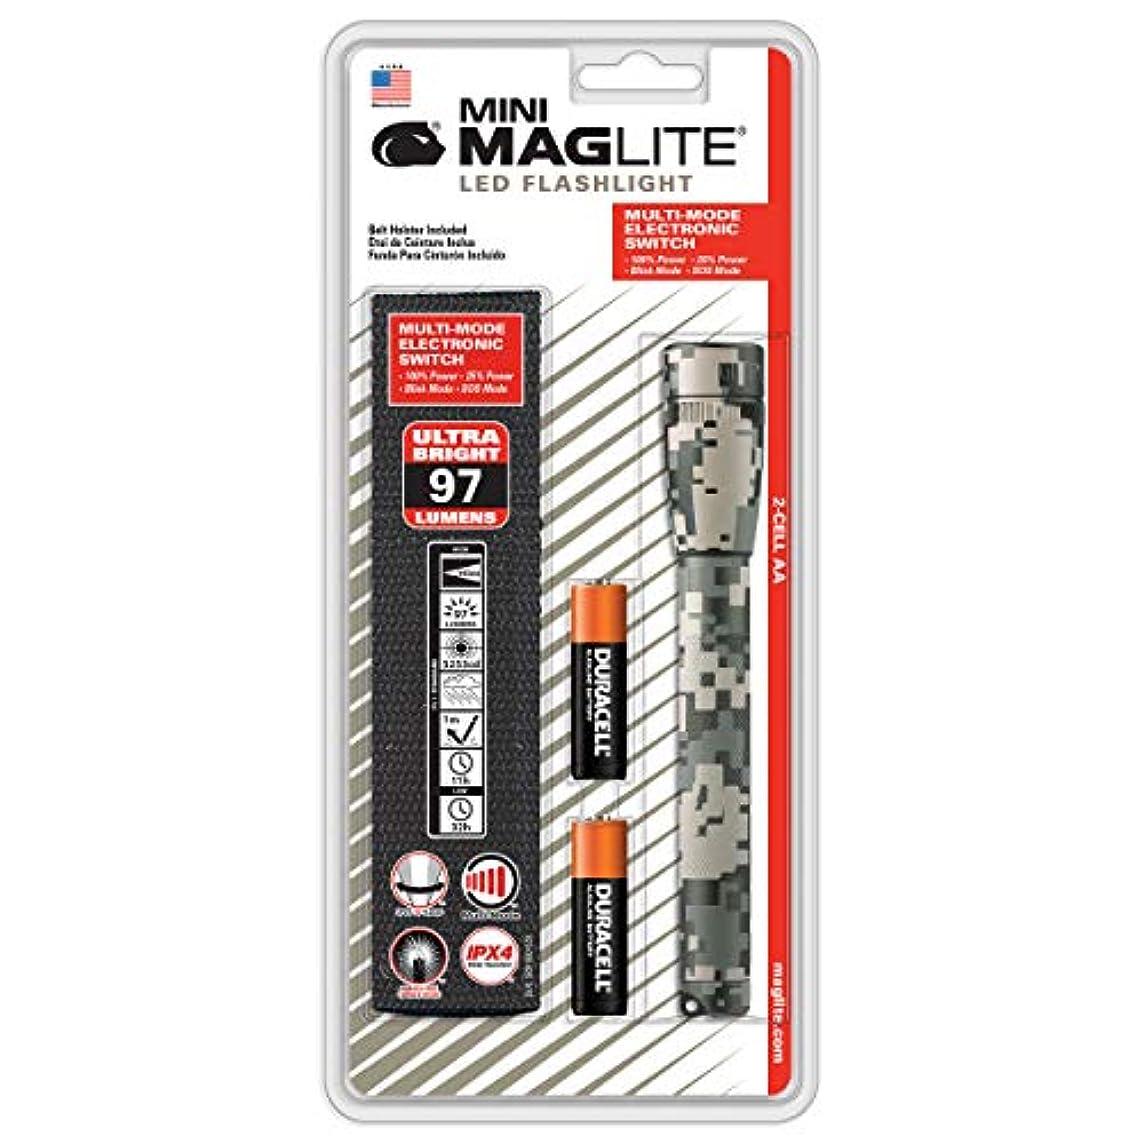 ところで評決保険MAG-LITE(マグライト) LED ミニマグ 2AA 3WATT デジタルカモ